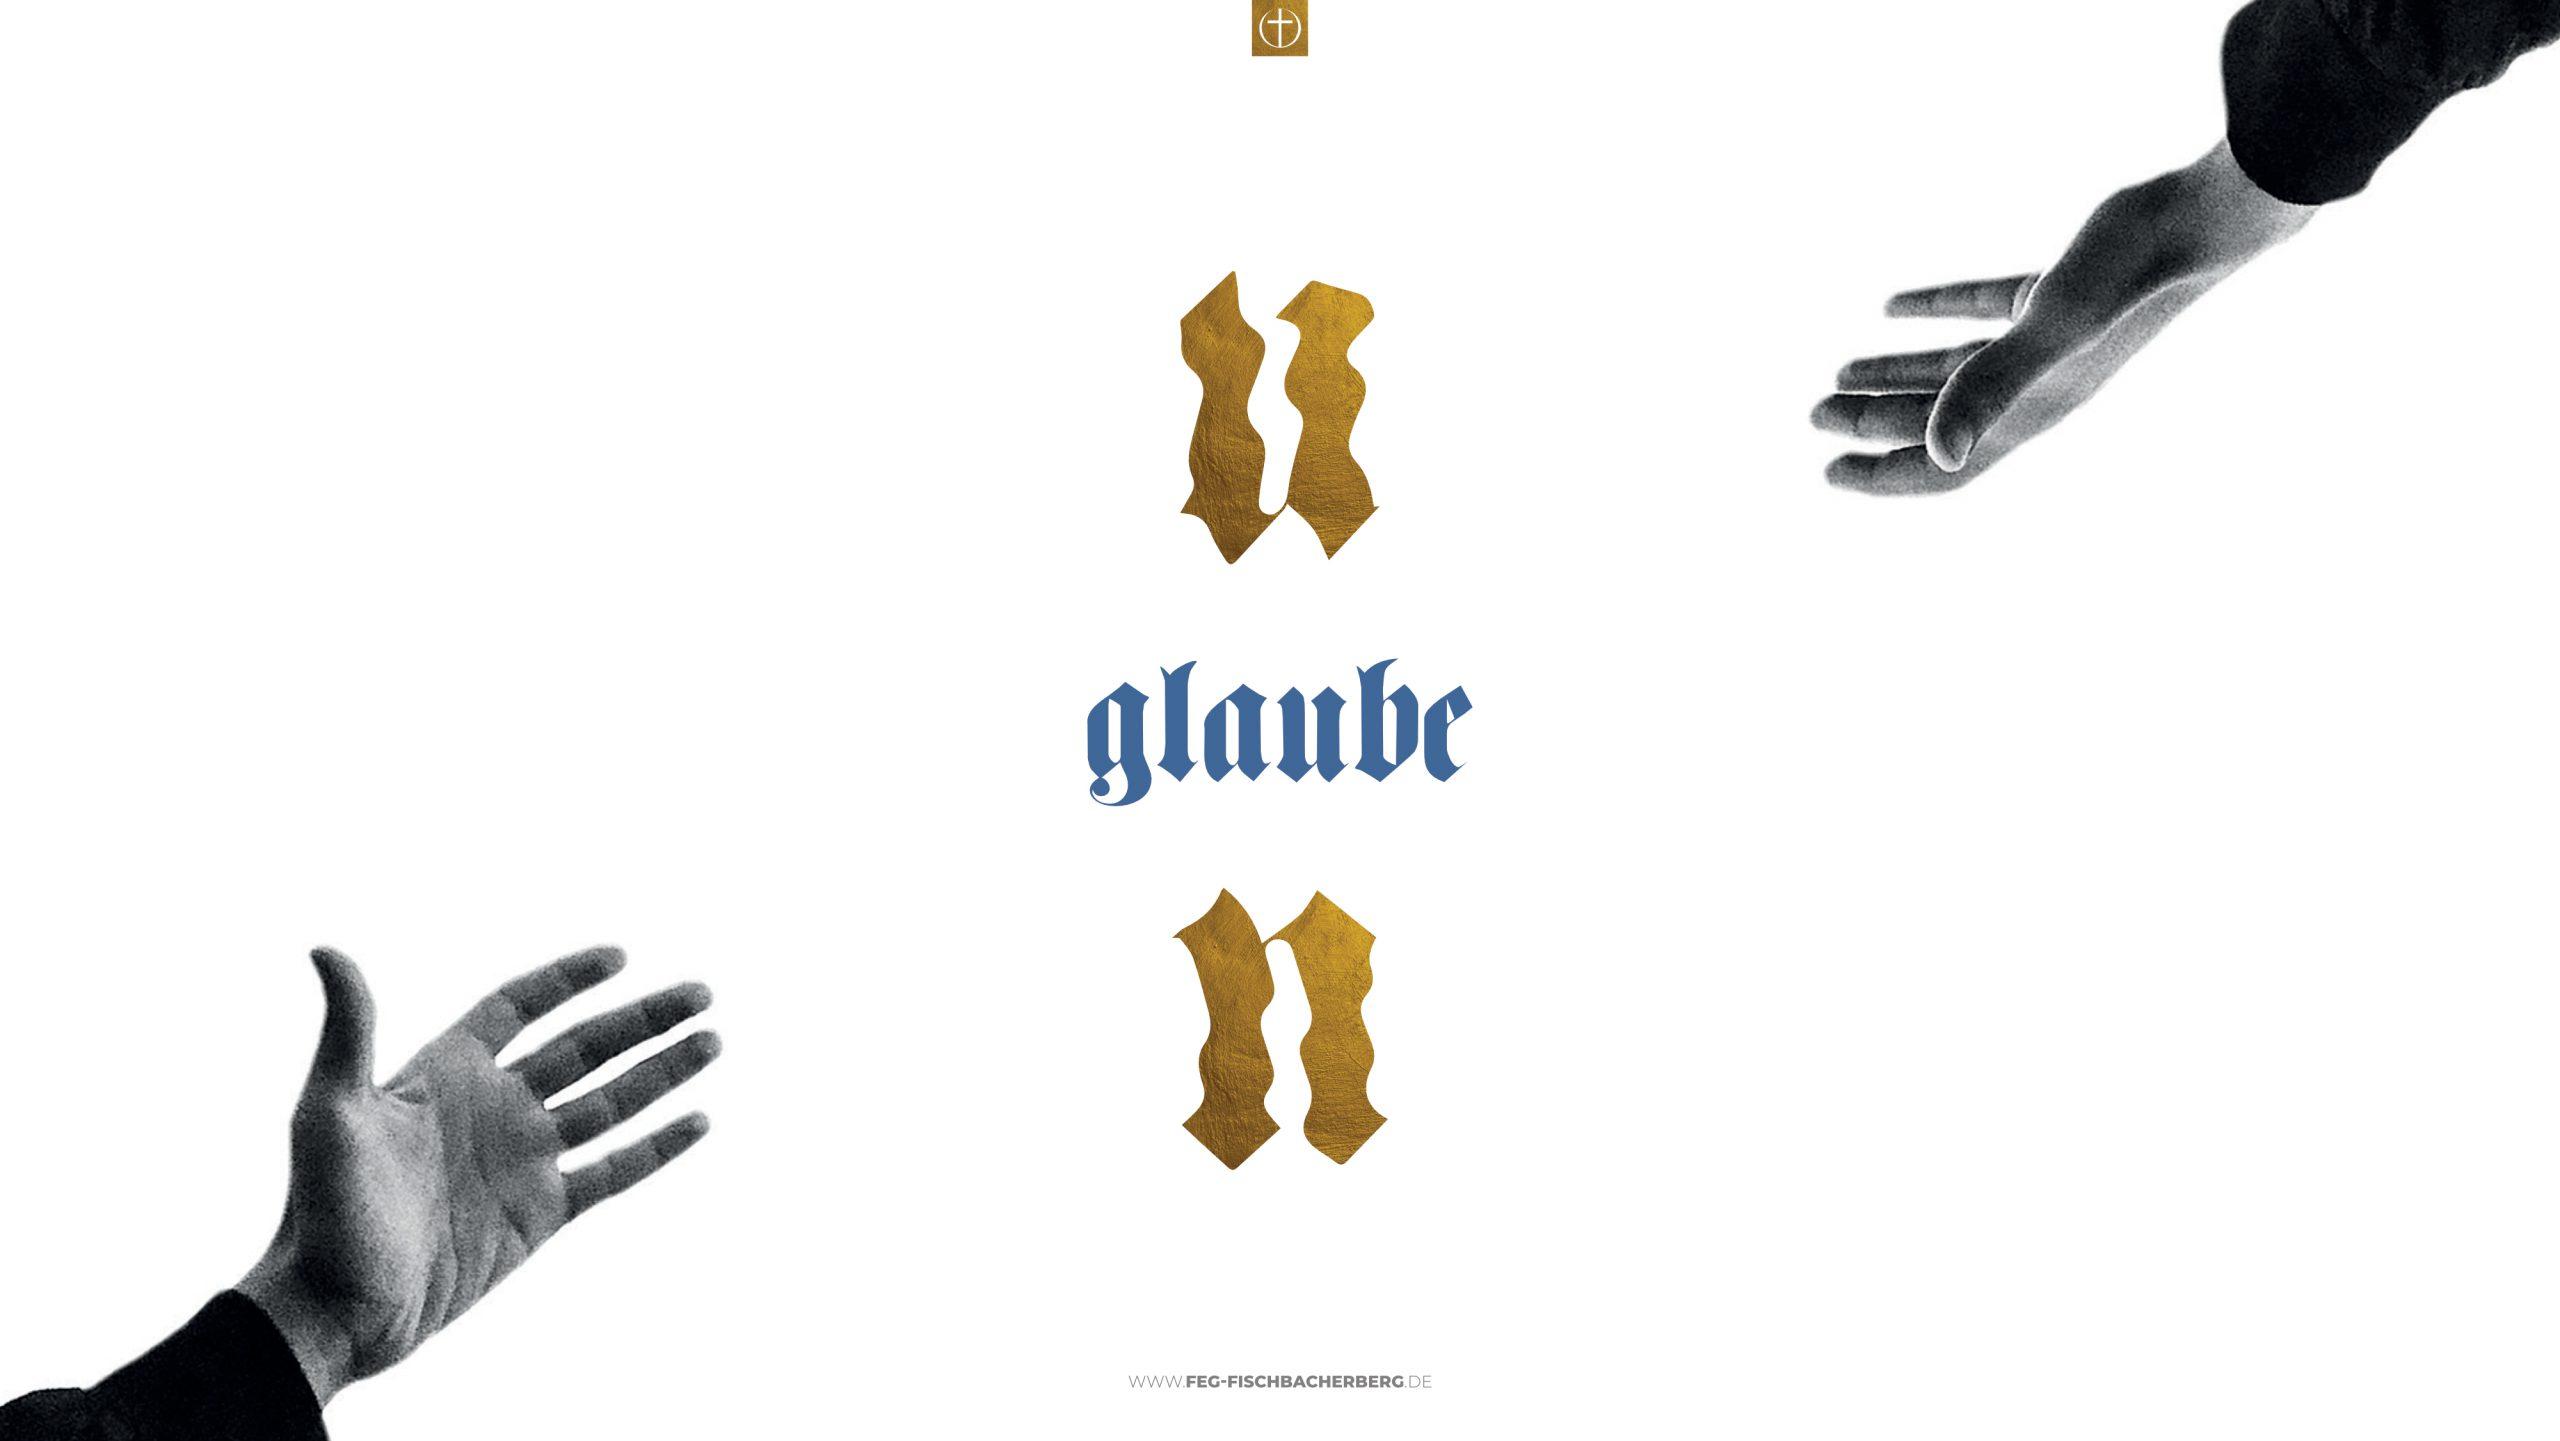 UN/GLAUBE